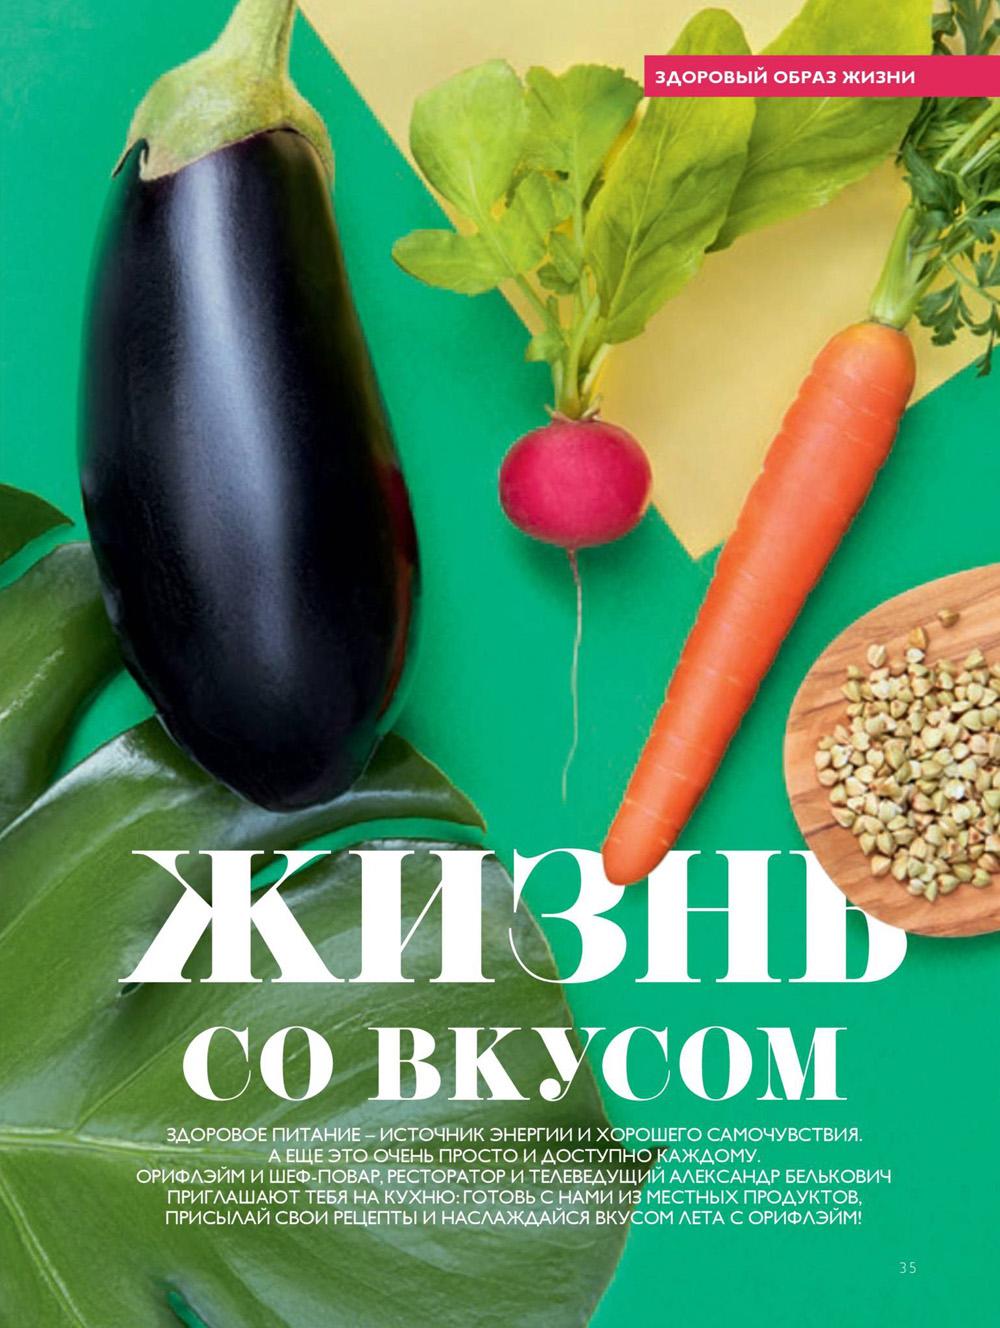 Старица 35, книга красоты Орифлейм Лето 2018, Россия